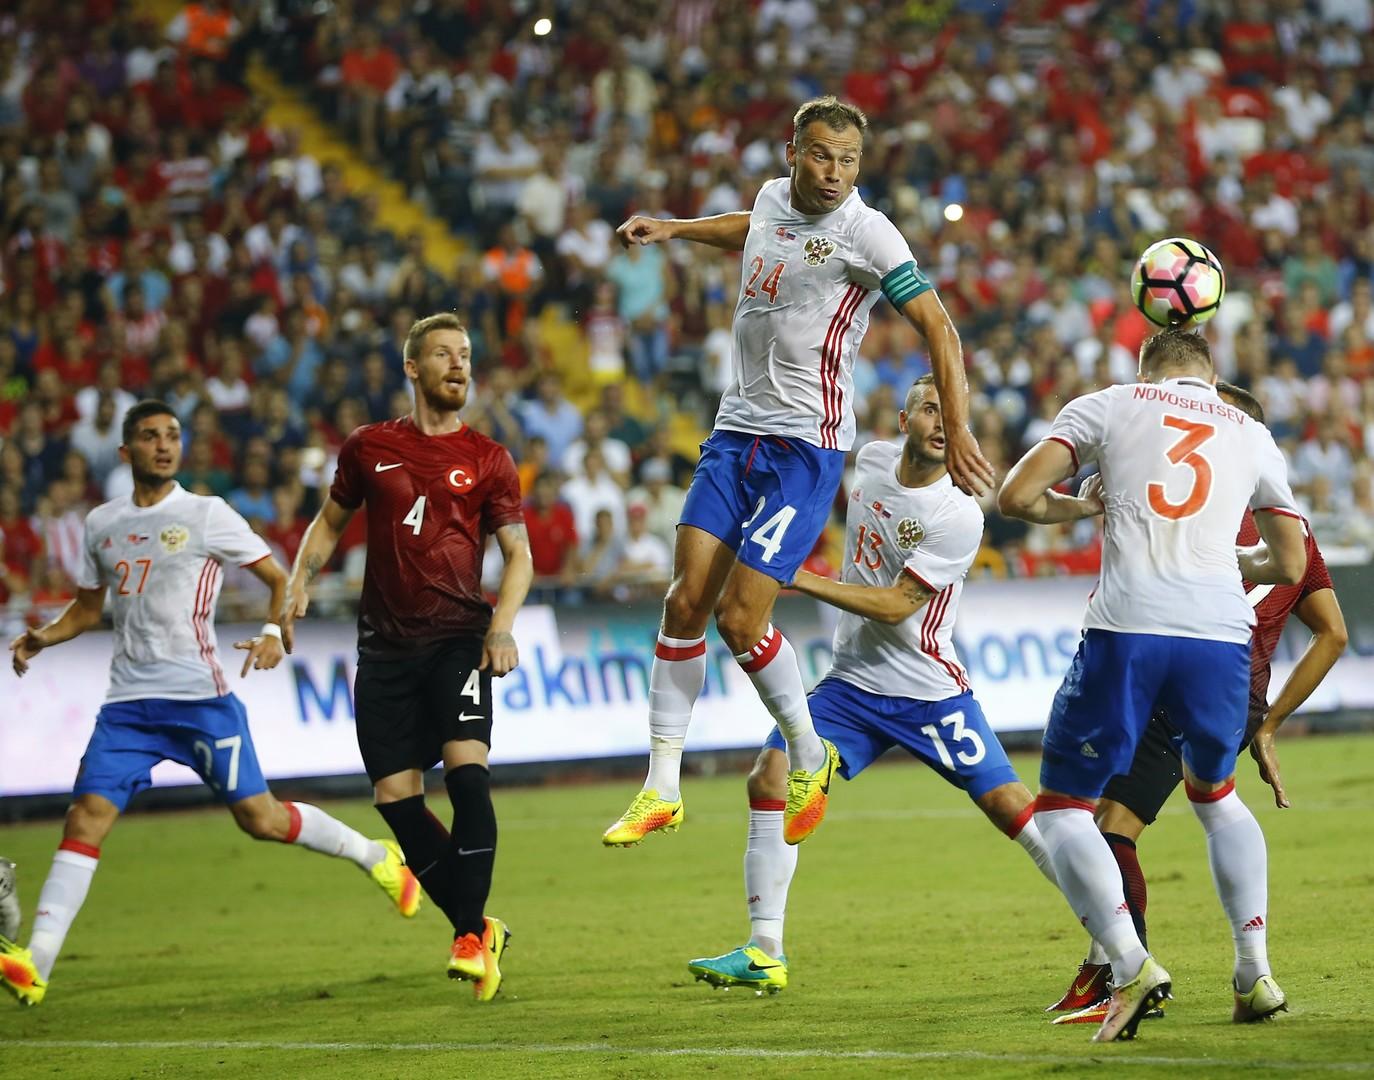 Fußballmannschaften der Türkei und Russlands beim Freundschaftsspiel in Antalya